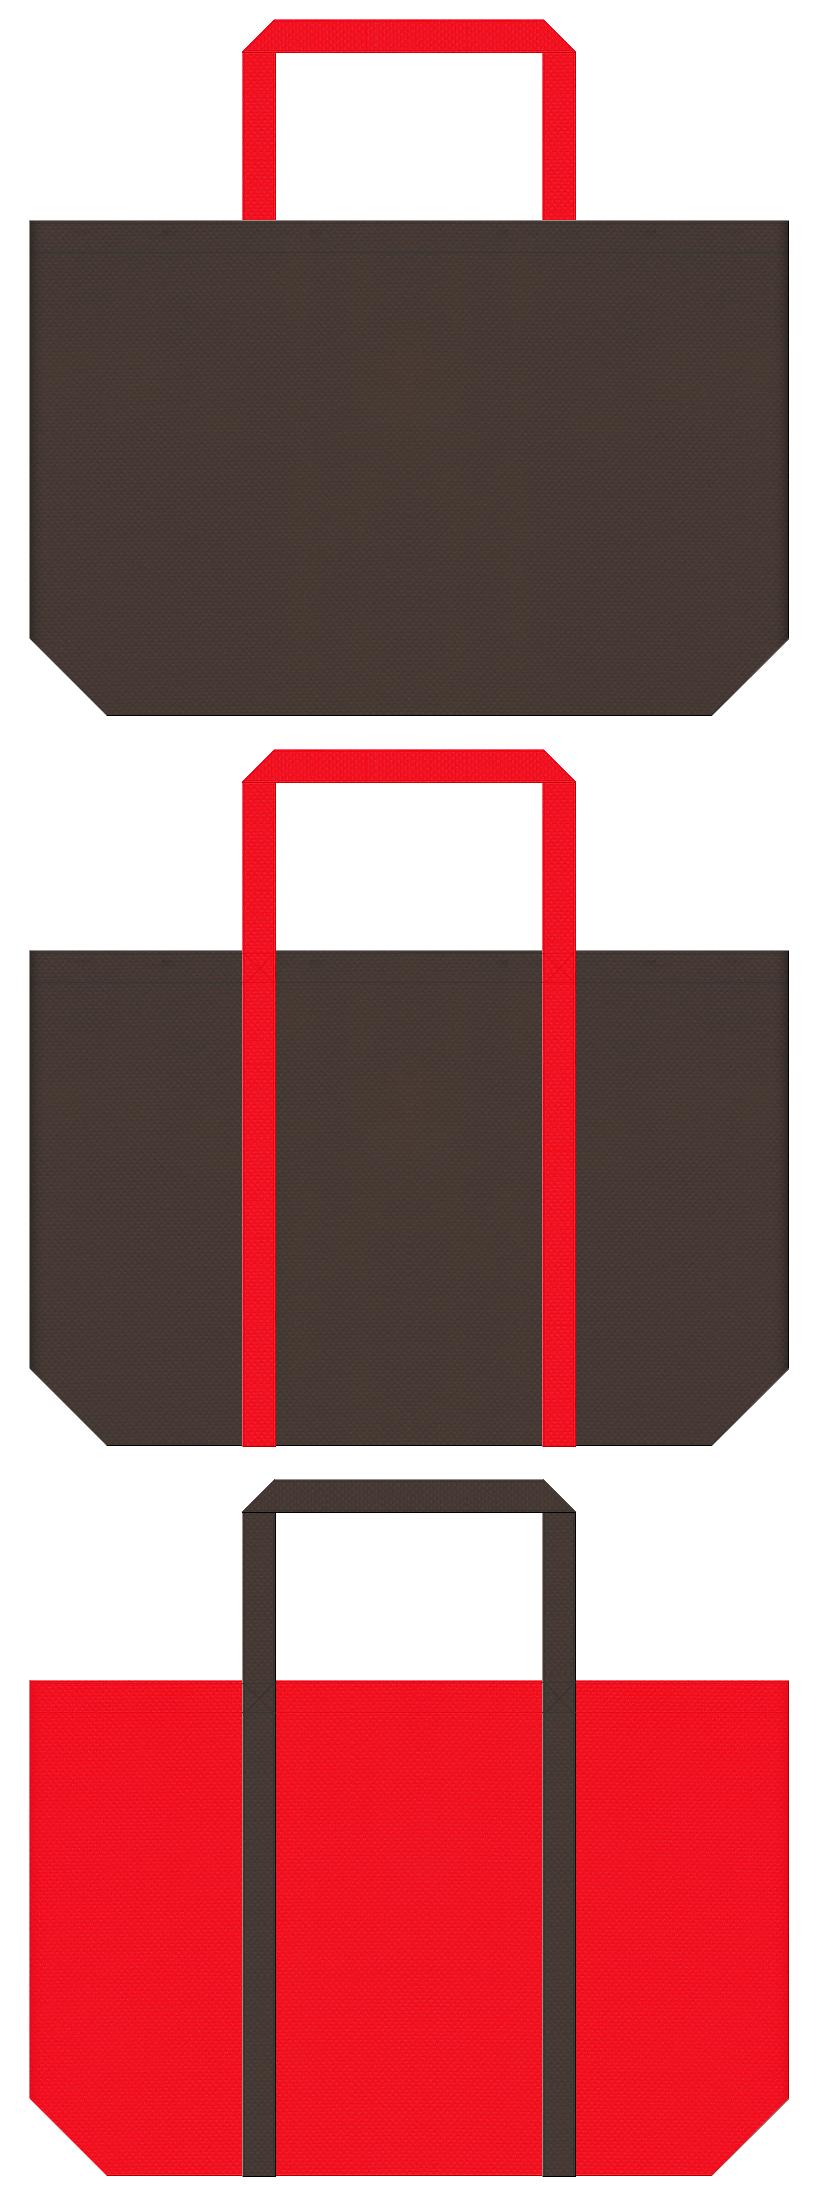 暖炉・ストーブ・暖房器具・トナカイ・クリスマスのショッピングバッグにお奨めの不織布バッグデザイン:こげ茶色と赤色のコーデ